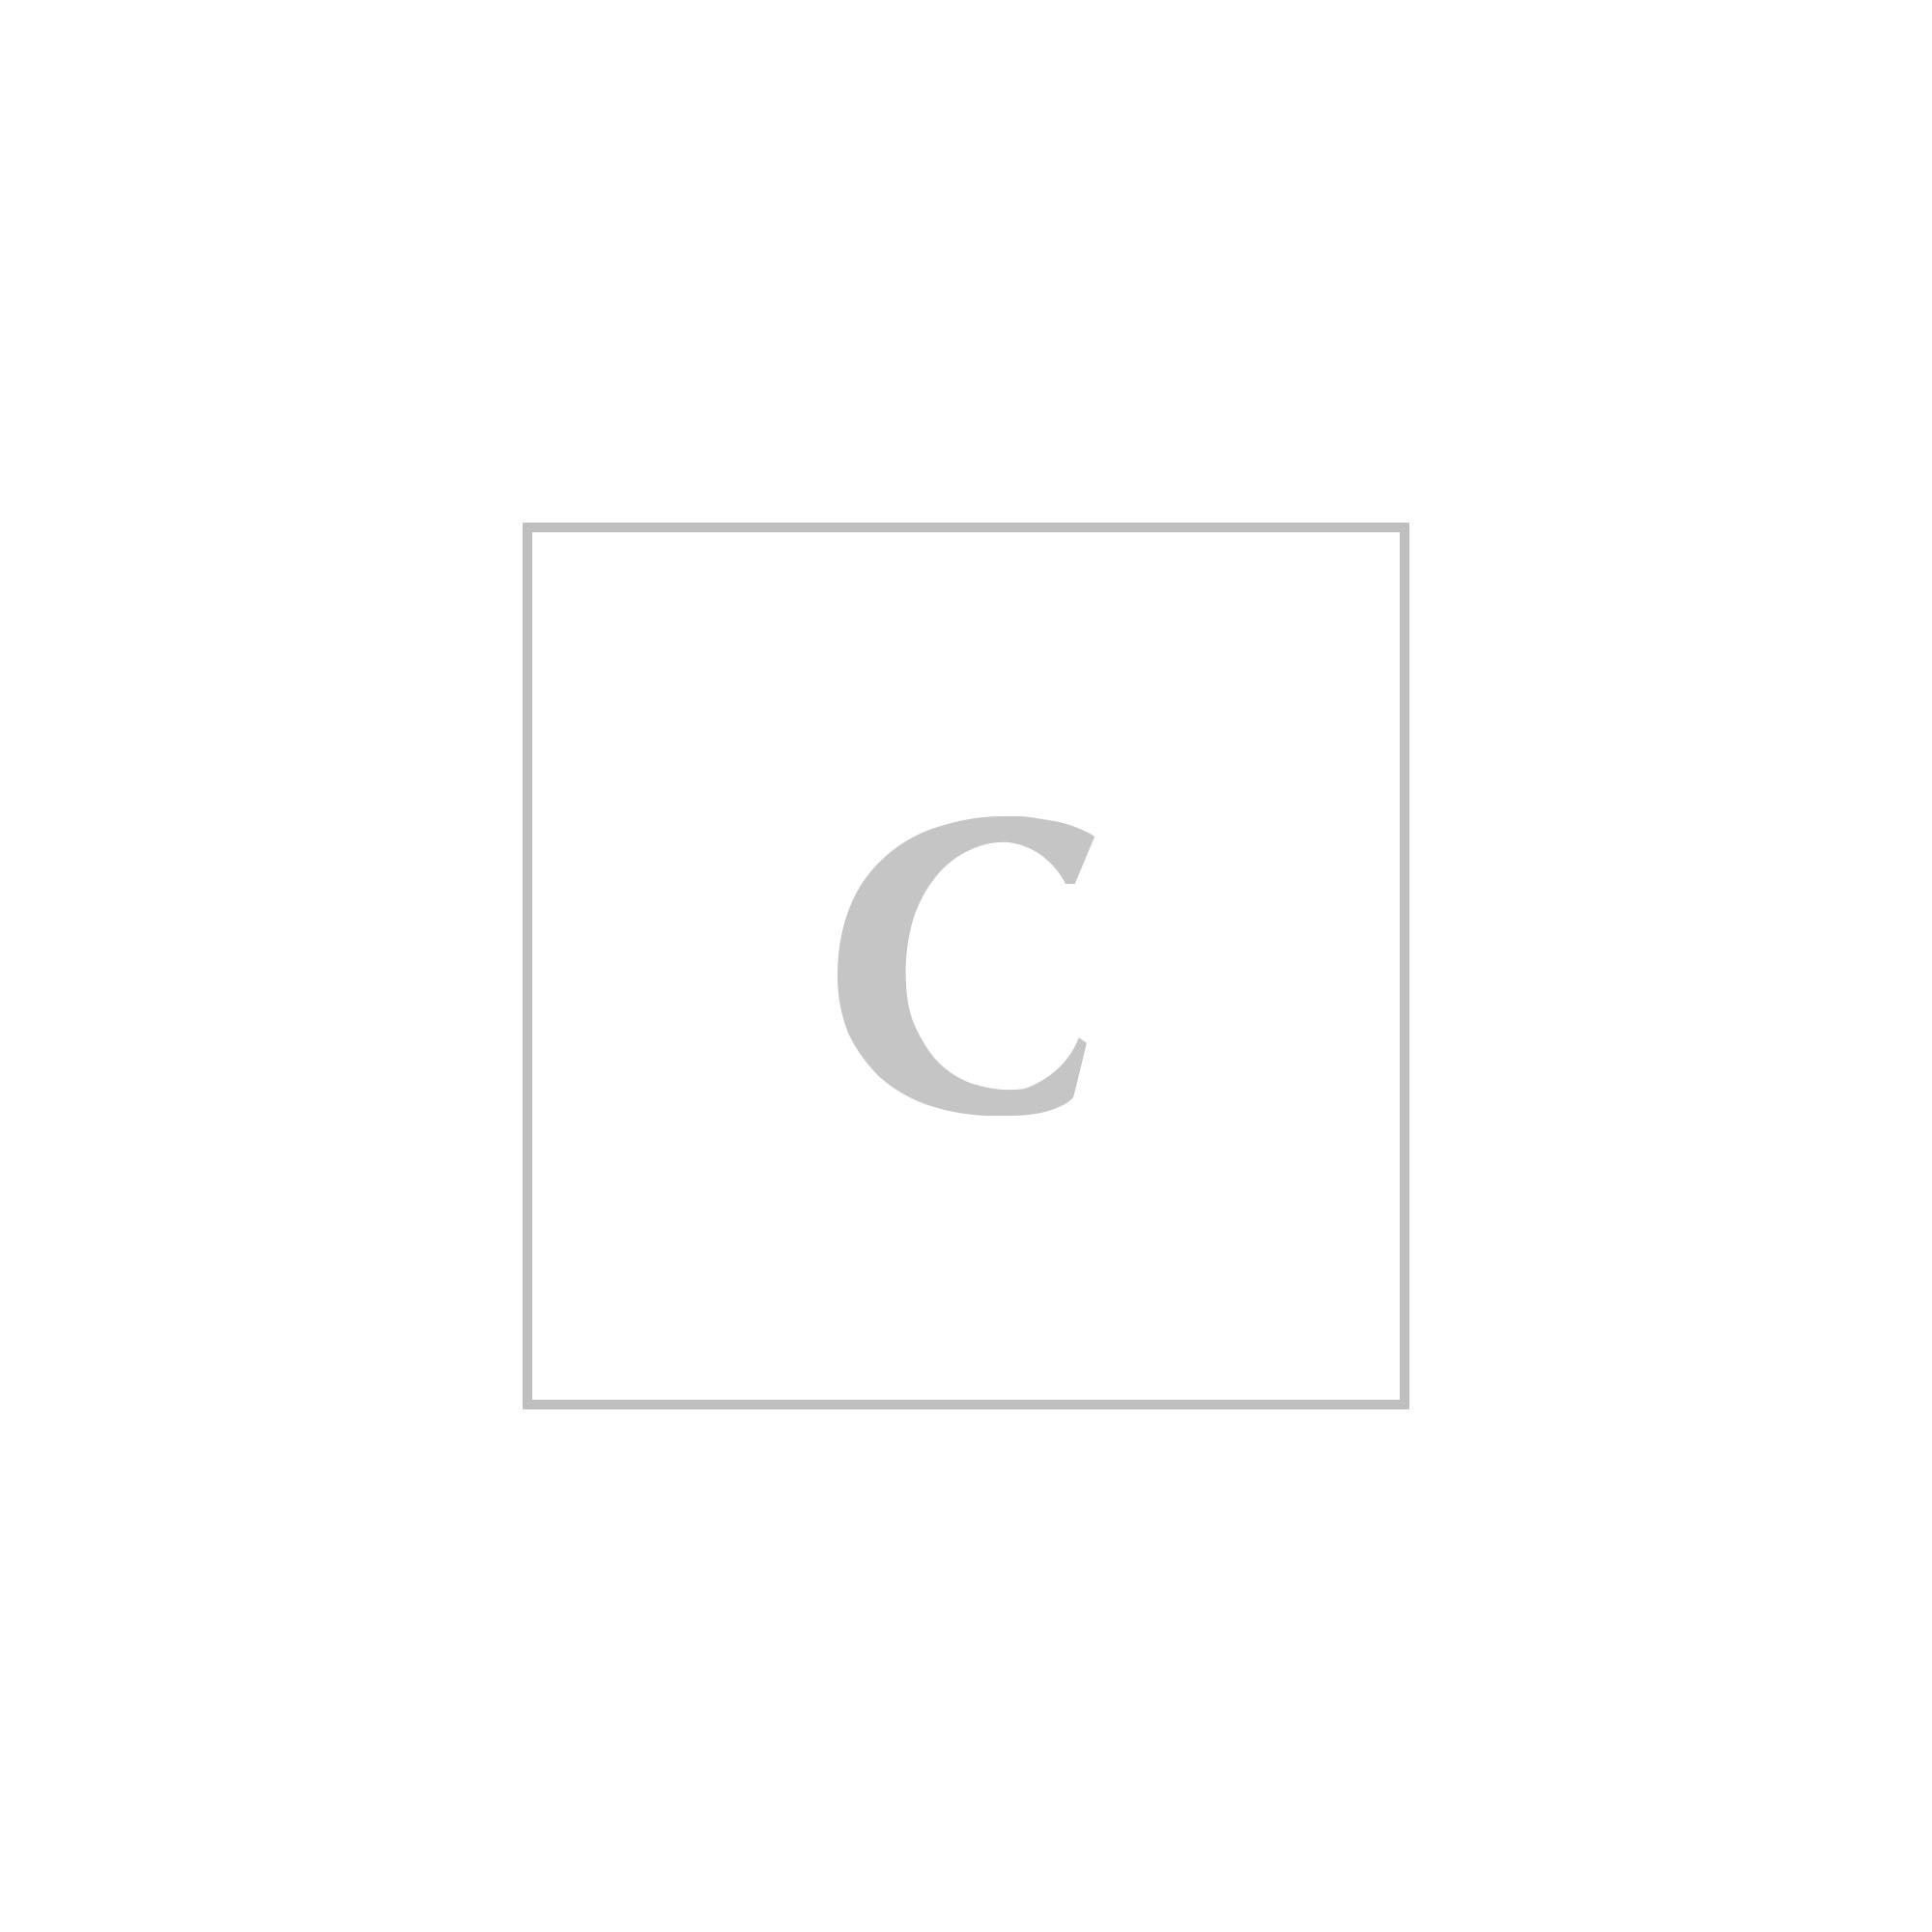 stella mccartney abbigliamento donna blusa cotone micro check